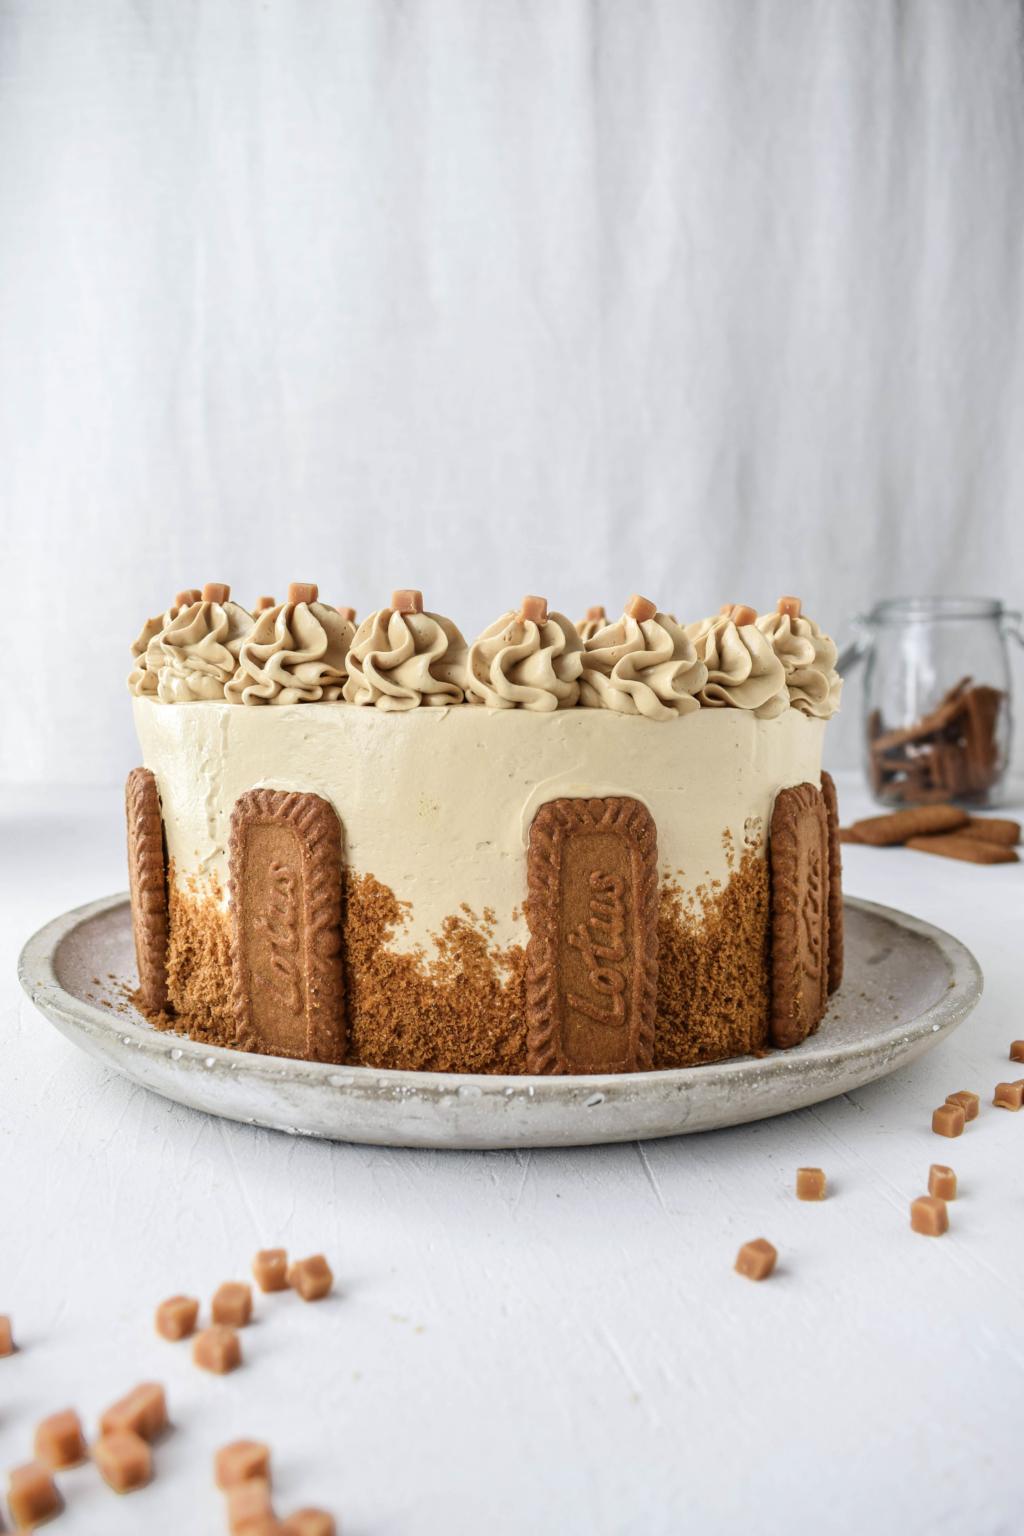 Rezept für eine dekadente Lotus Biscoff Torte mit Espresso Tränke und reichlich gefüllt mit den bekanntesten Karamellkeksen der Welt: Lotus Biscoff Kekse